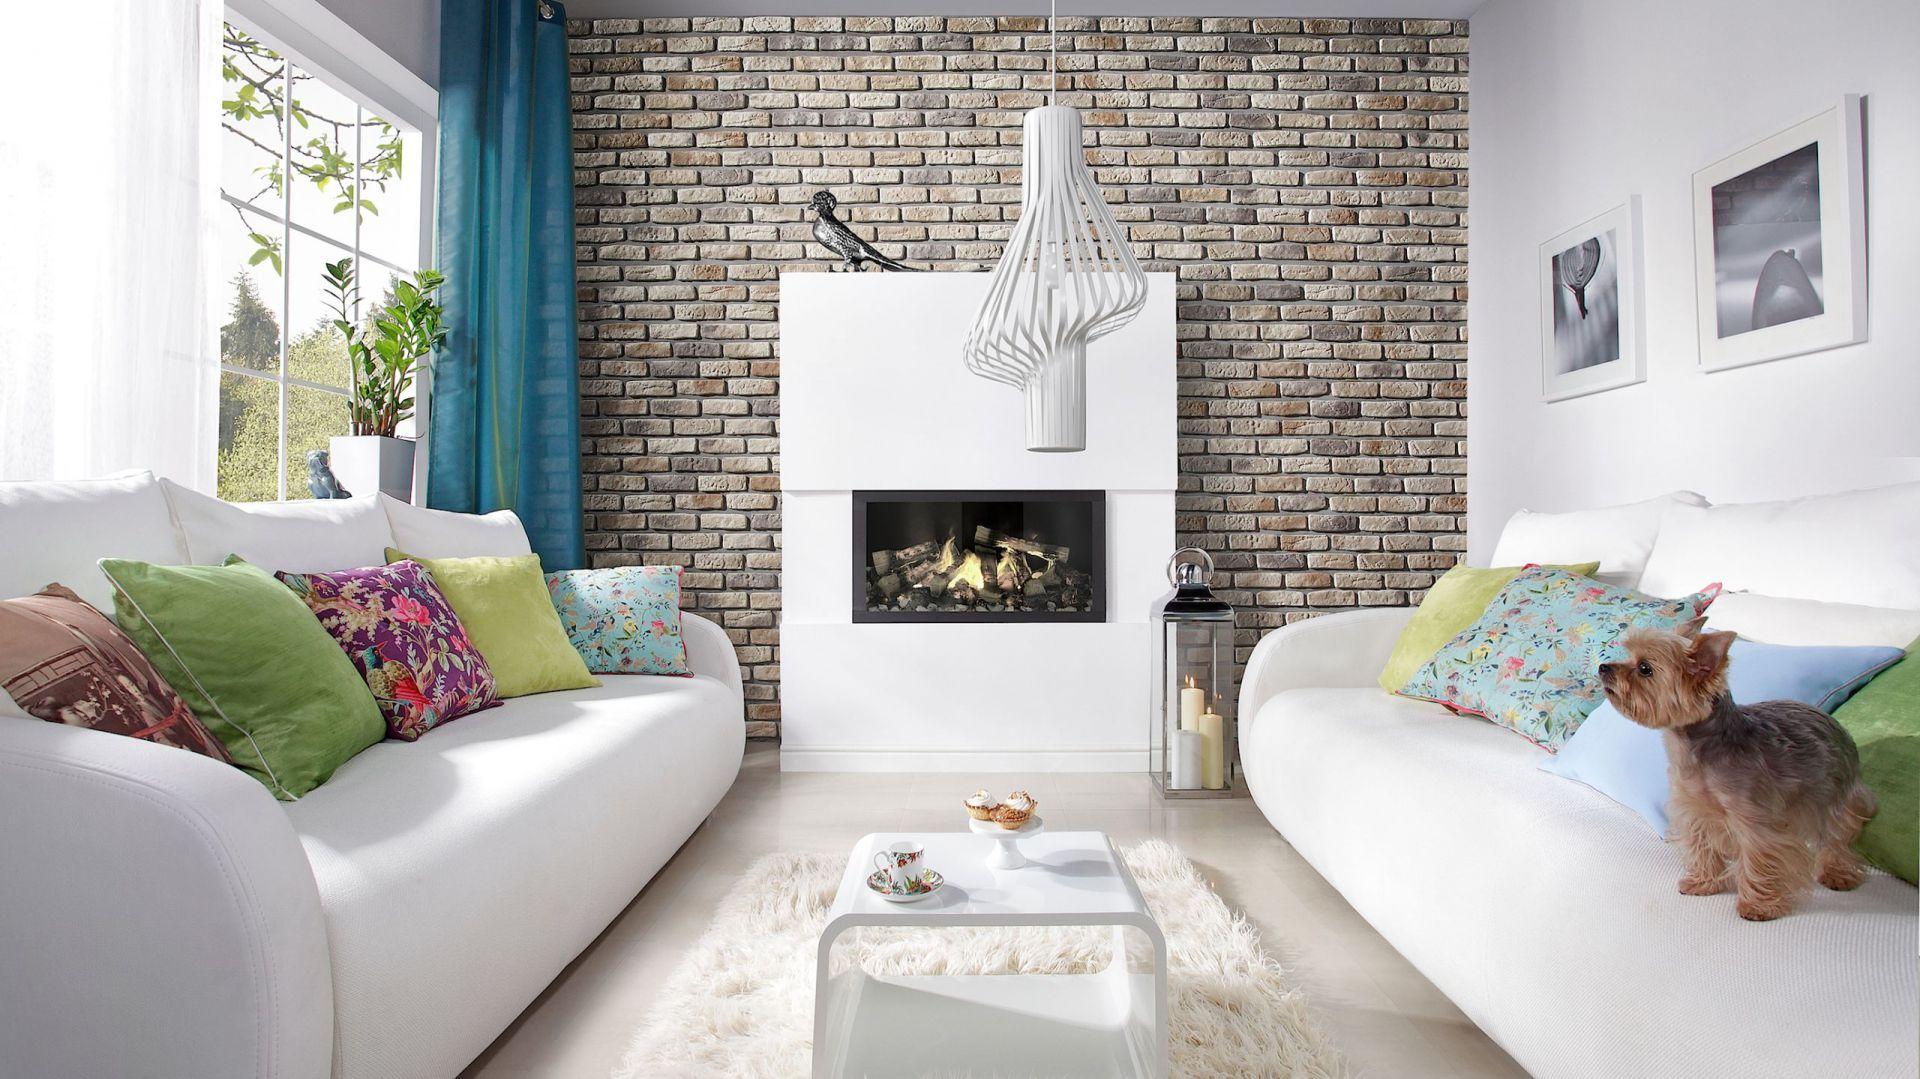 Kamień dekoracyjny LOFT BRICK o surowej fakturze sprawdzi się w nowoczesnych jak i klasycznych aranżacjach. Ok. 78 zł (opakowanie 0,85 m²). Fot. Stone Master